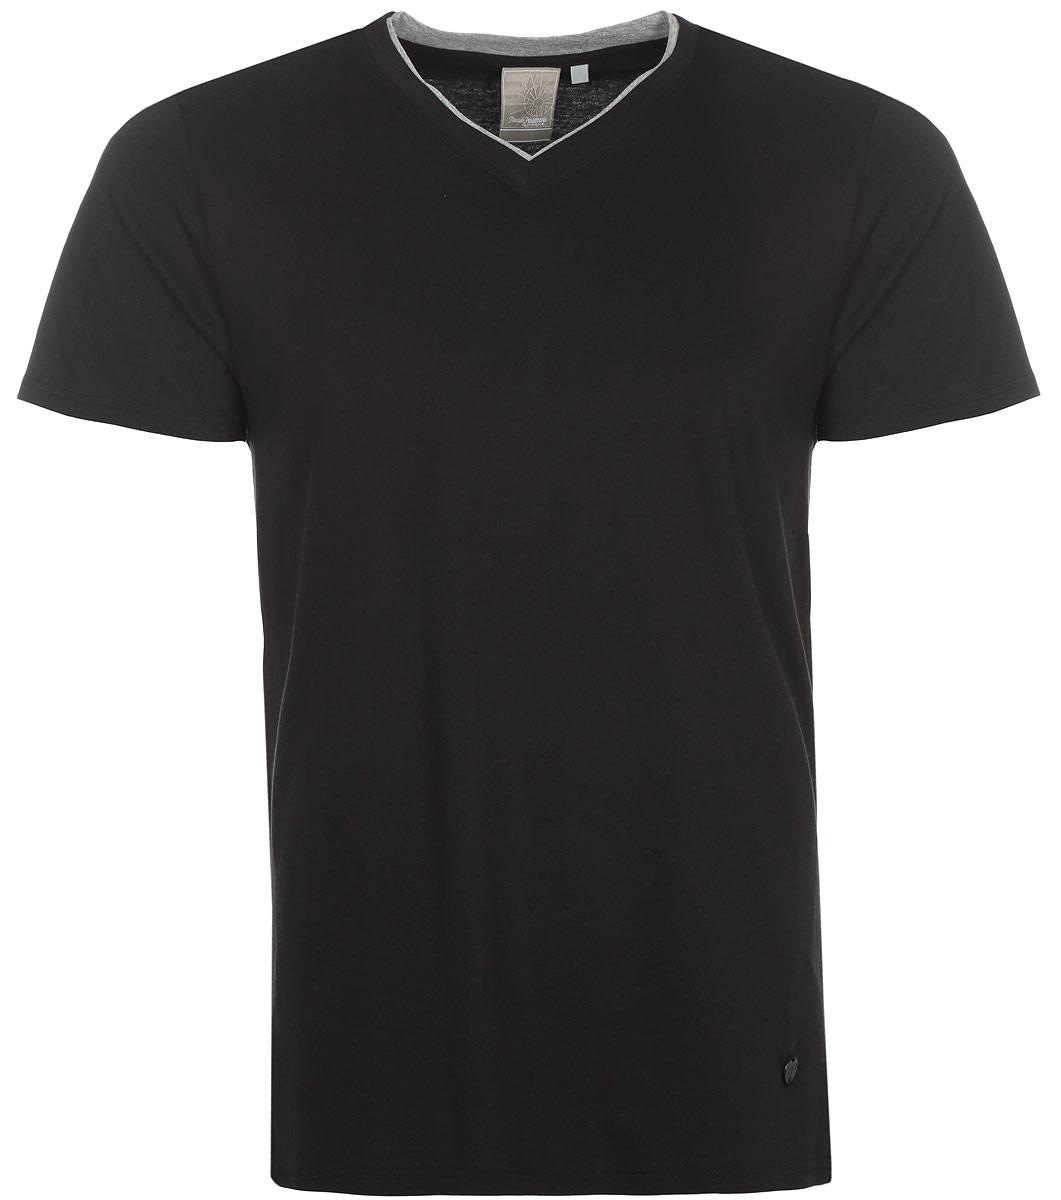 Футболка мужская Icepeak, цвет: черный. 757725514IVT_990. Размер L (52)757725514IVT_990Мужская футболка Icepeak изготовлена из натурального хлопка. Модель прямого кроя выполнена с V-образной горловиной и короткими рукавами.